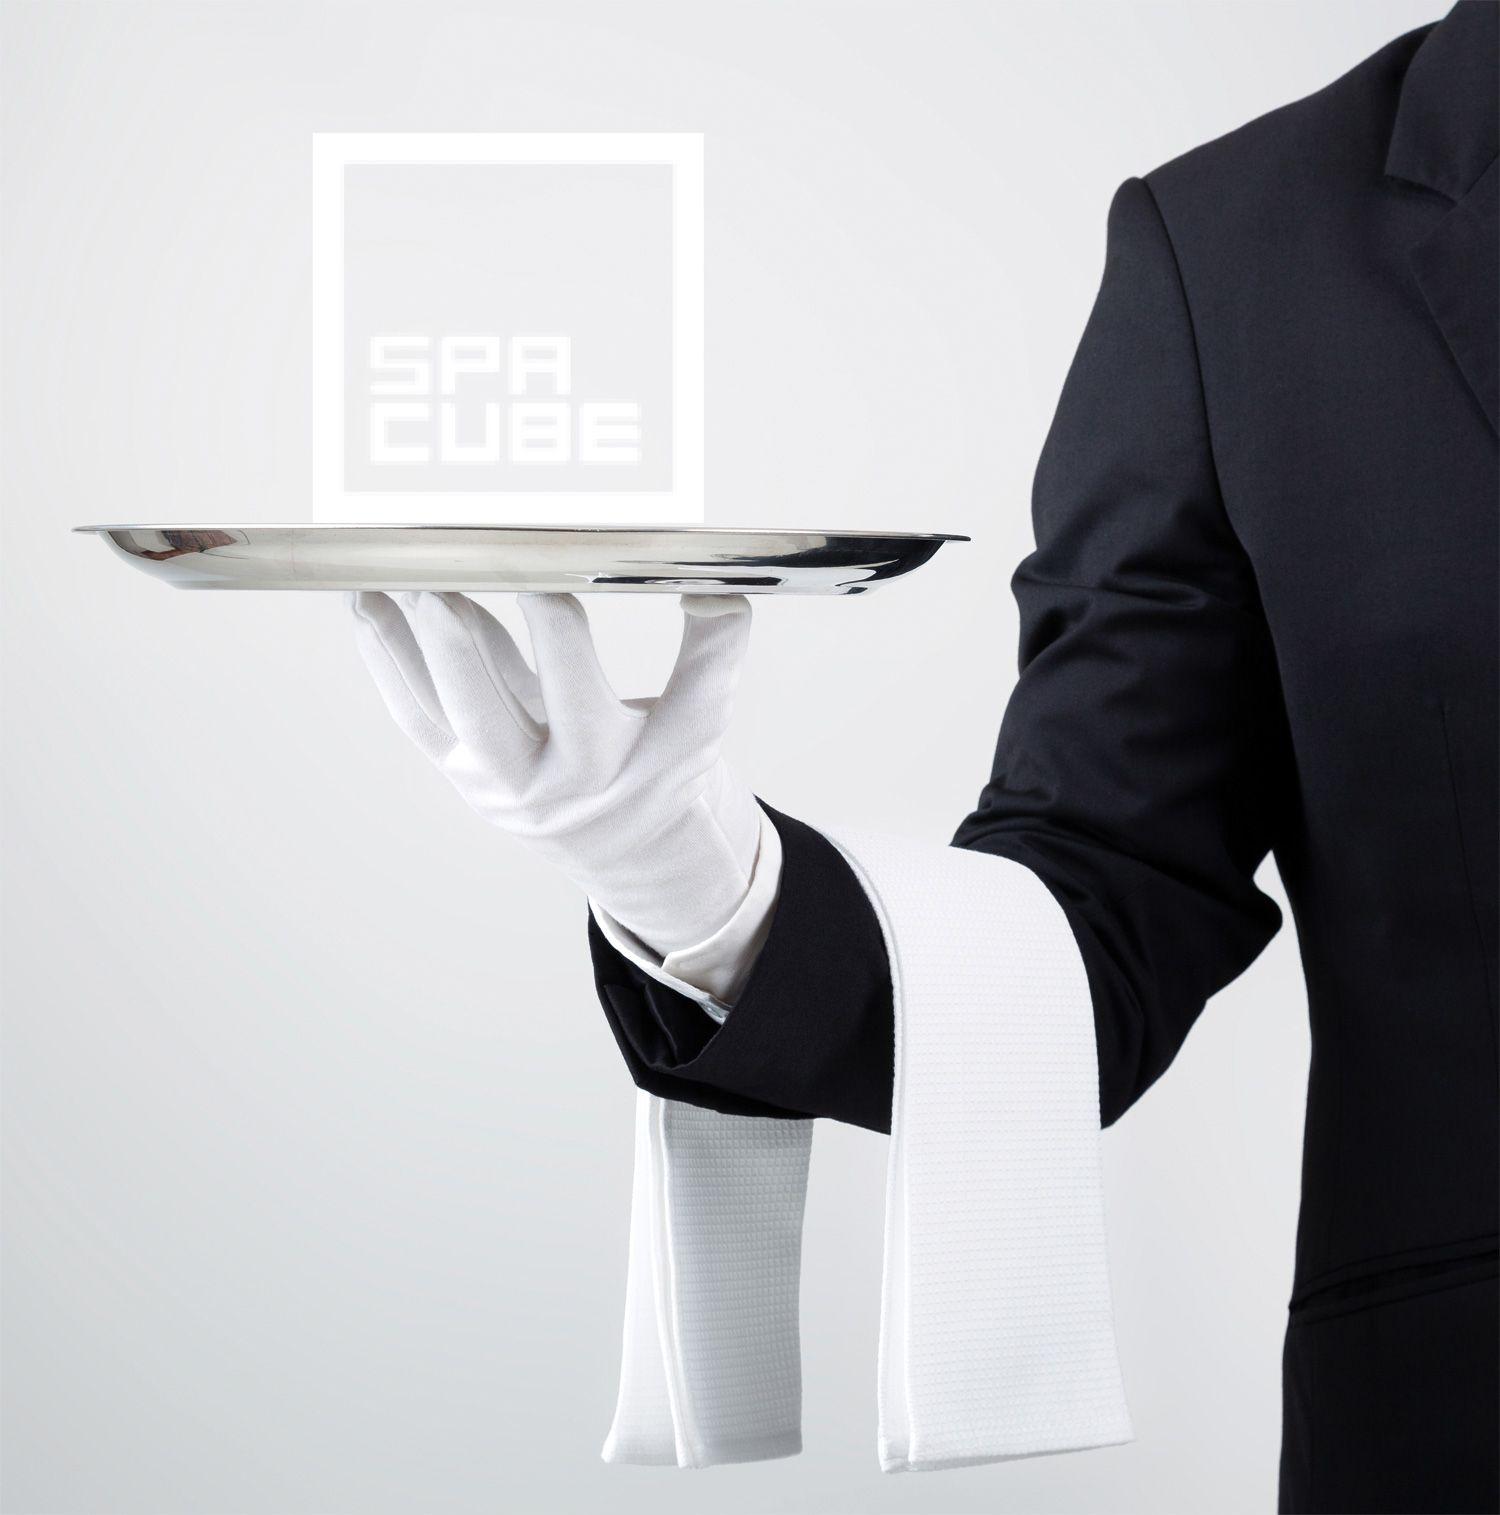 CHECKHEFTGEPFLEGT  Betriebssicherheit – Unser Checkheft-Service garantiert Ihnen stets einen gewarteten SPA CUBE und somit verbunden einen gesicherten Betrieb. Das Serviceintervall richtet sich nach der Betriebsdauer Ihres SPA CUBEs.  #checkheftgepflegt #sicherheit #service #spacube #wellness #design #spa